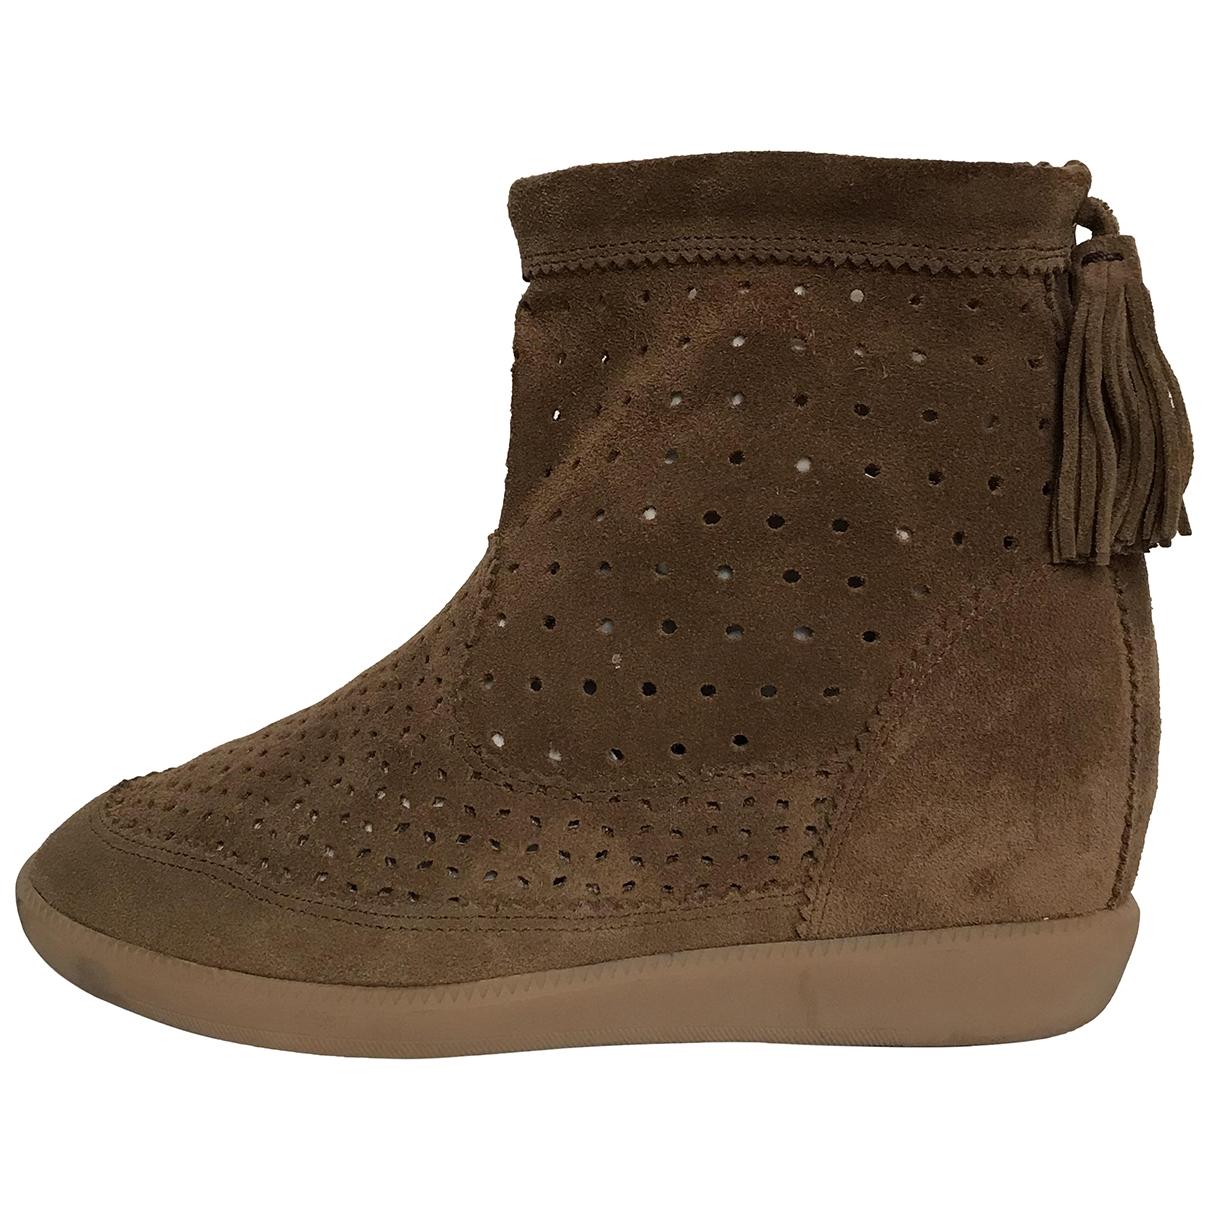 Isabel Marant - Boots   pour femme en suede - camel